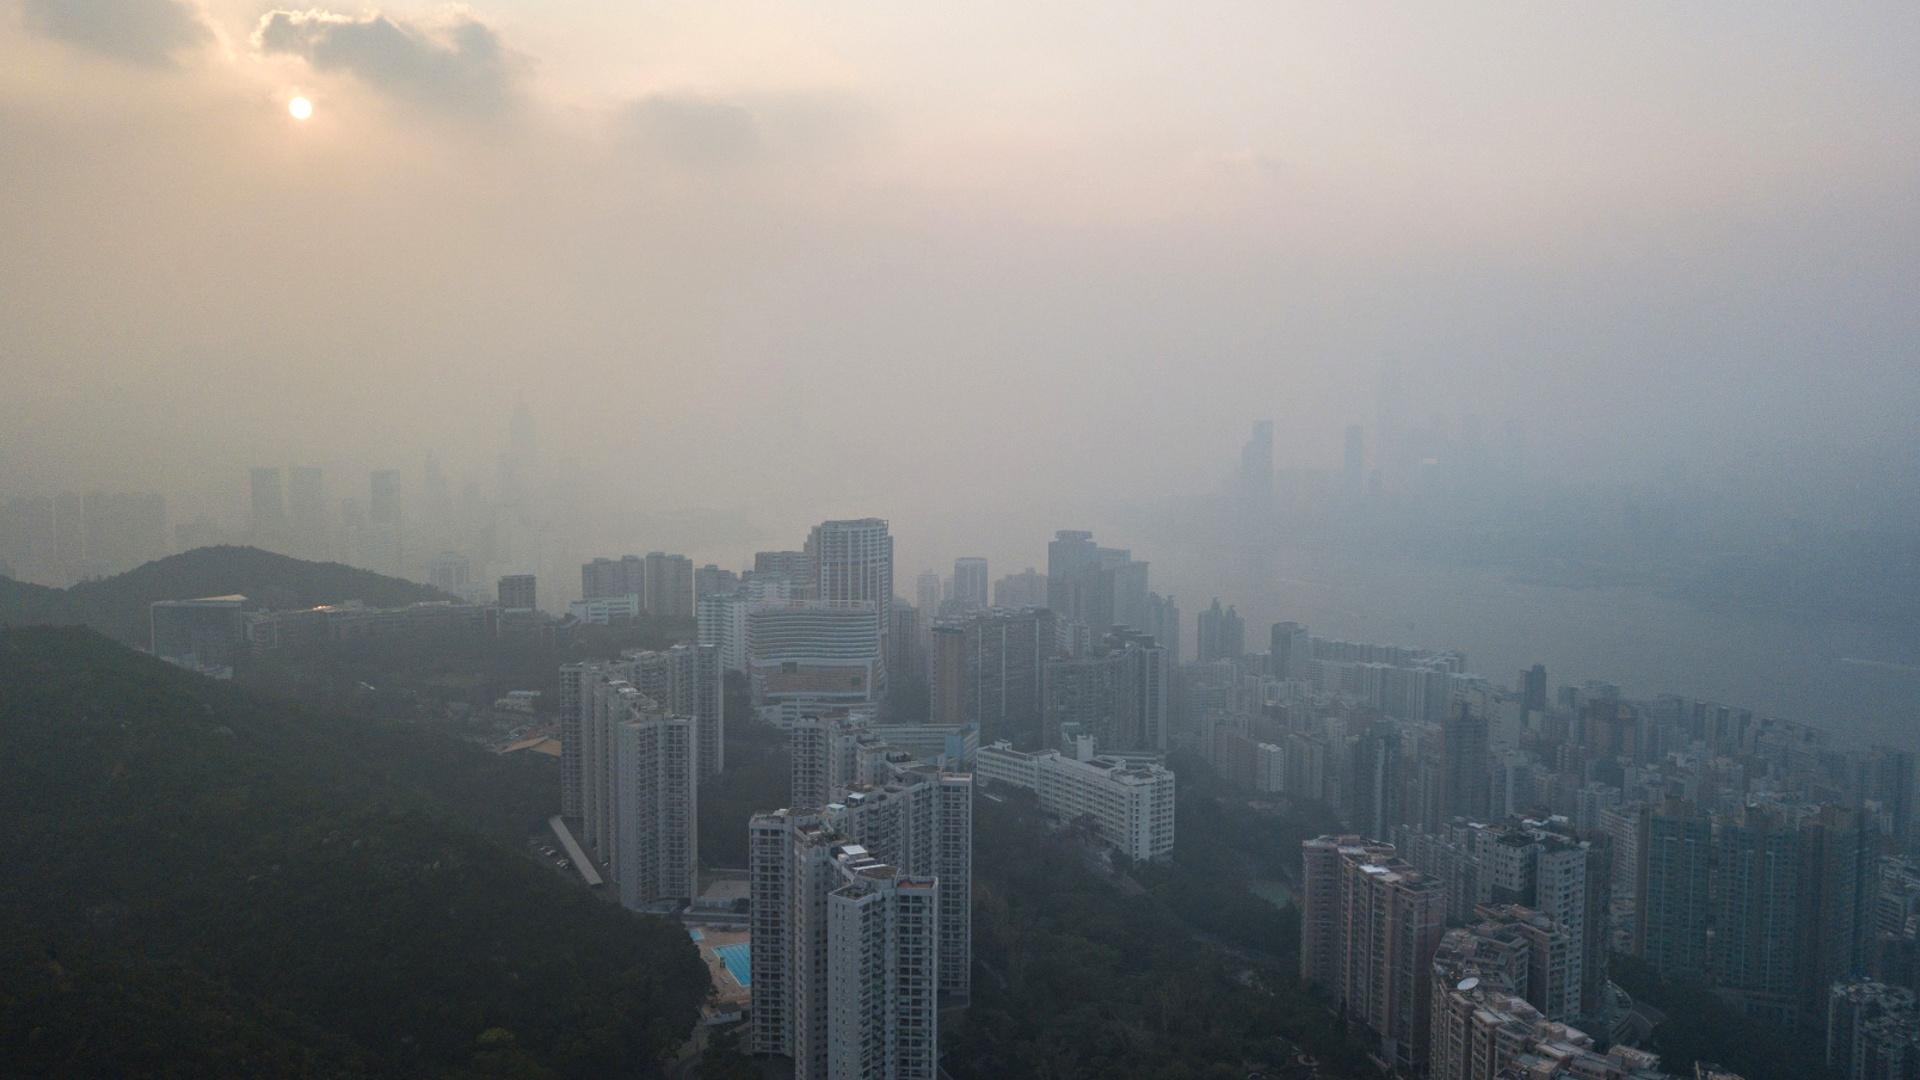 ВОЗ: 7 млн человек умирают ежегодно из-за грязного воздуха